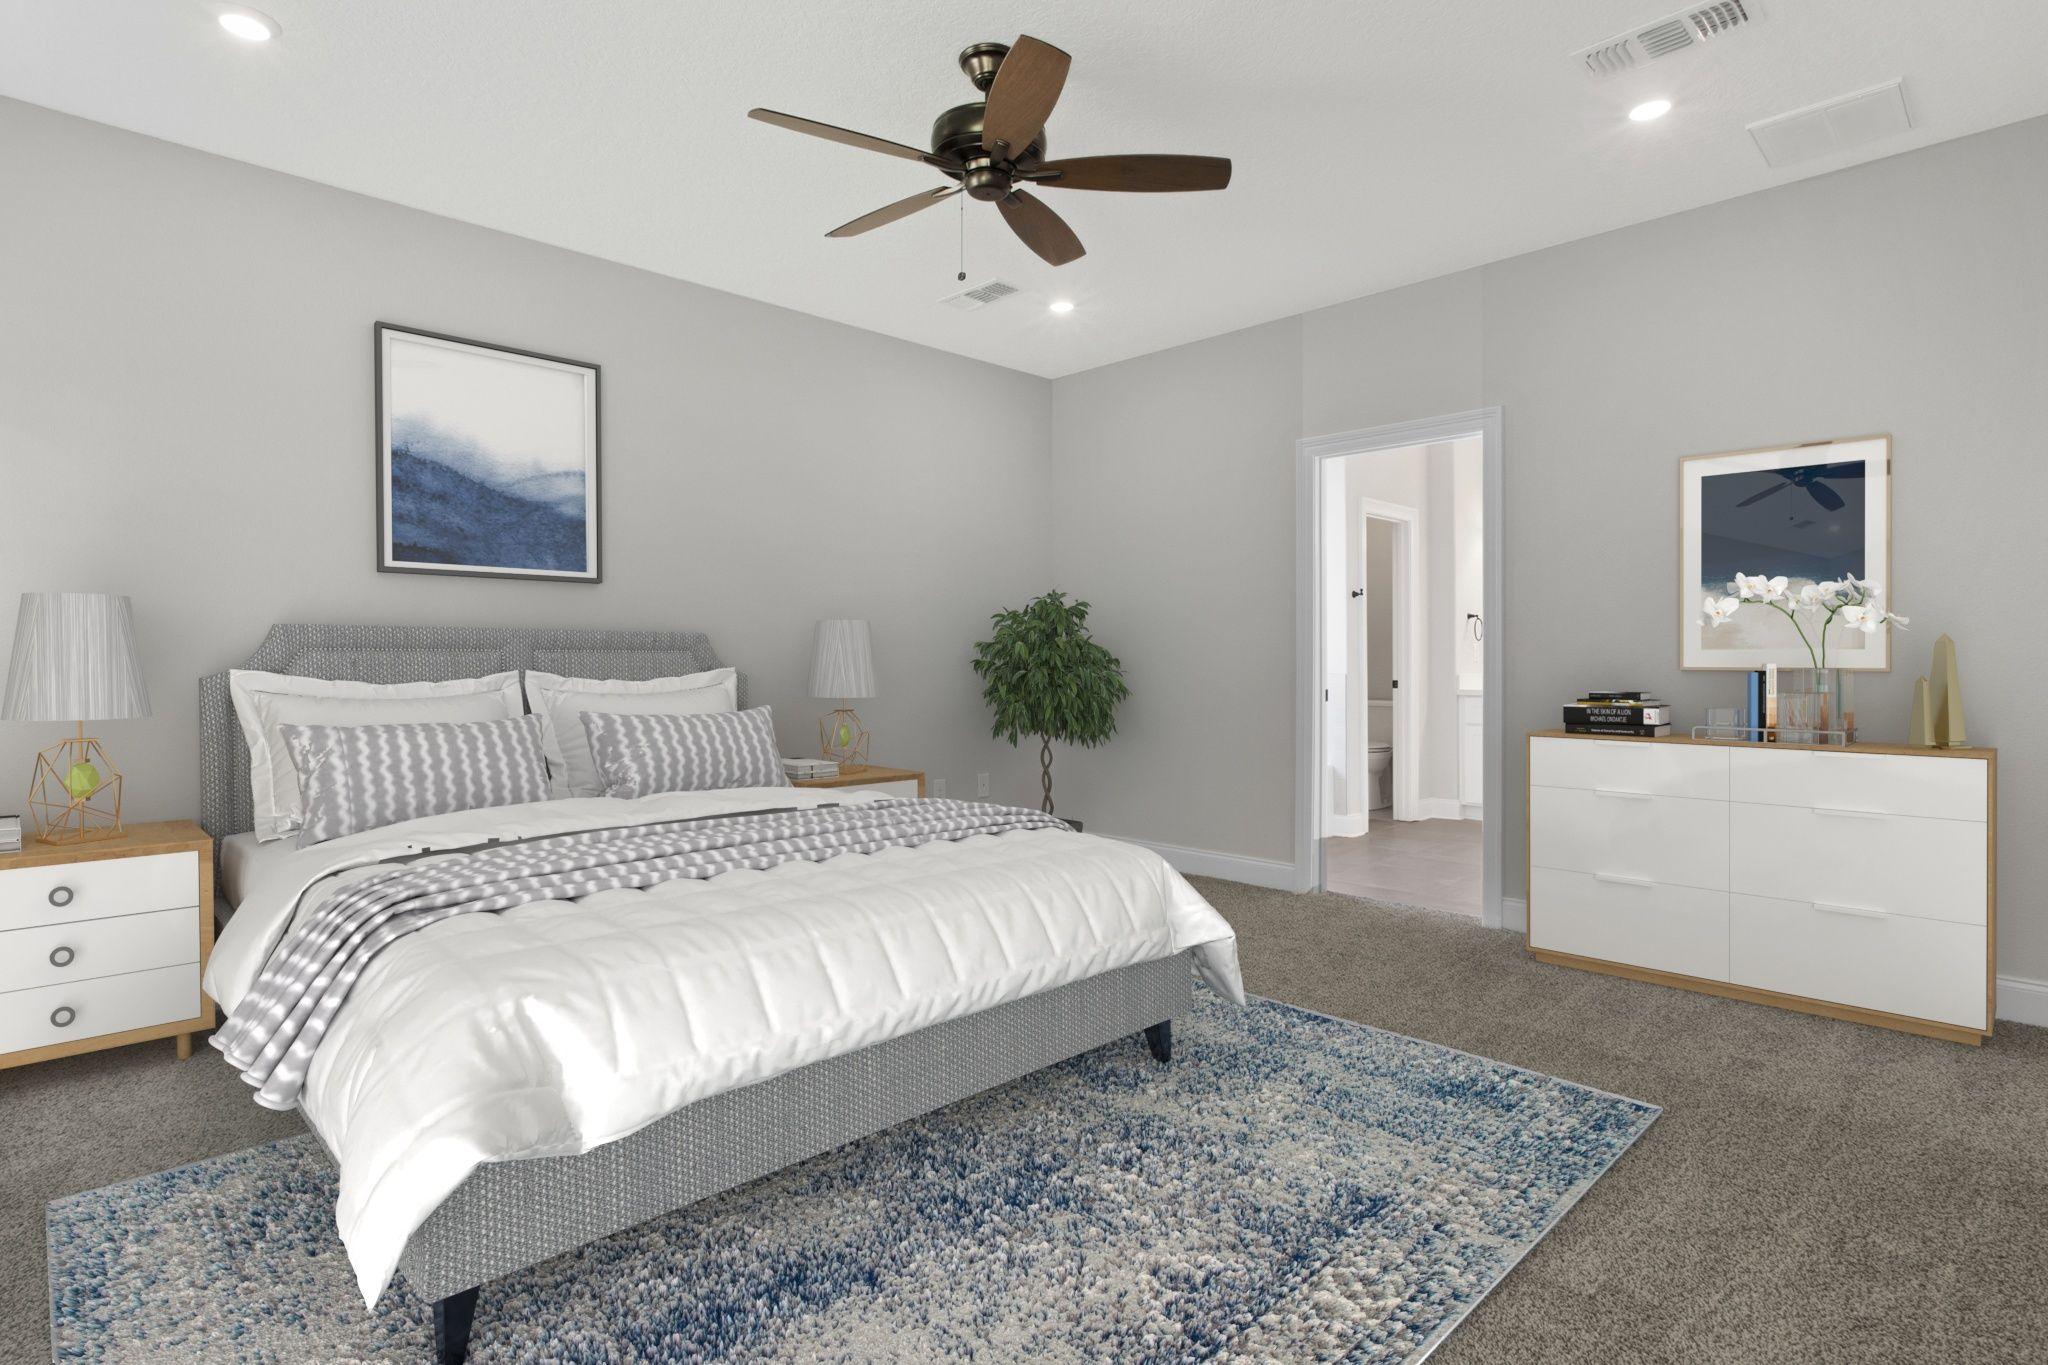 Bedroom featured in The Juliette By Elliott Homes in Biloxi, MS